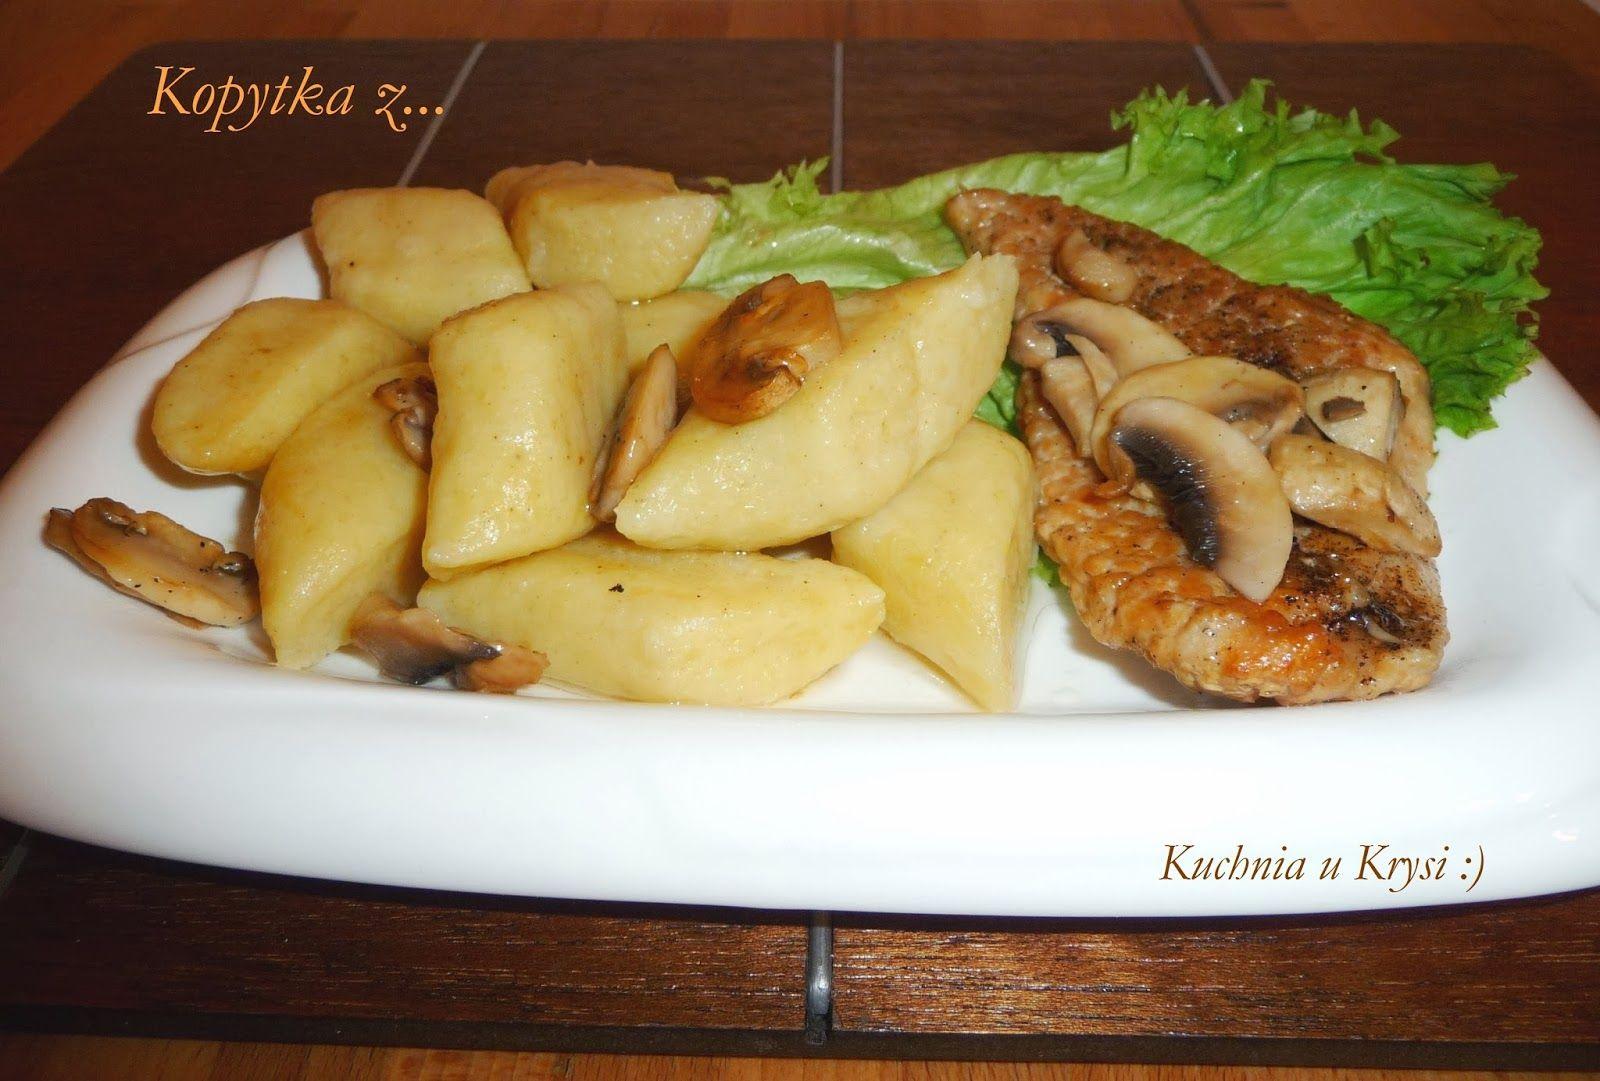 Kuchnia U Krysi Kopytka Przepis Niezawodny Food Recipes Food And Drink